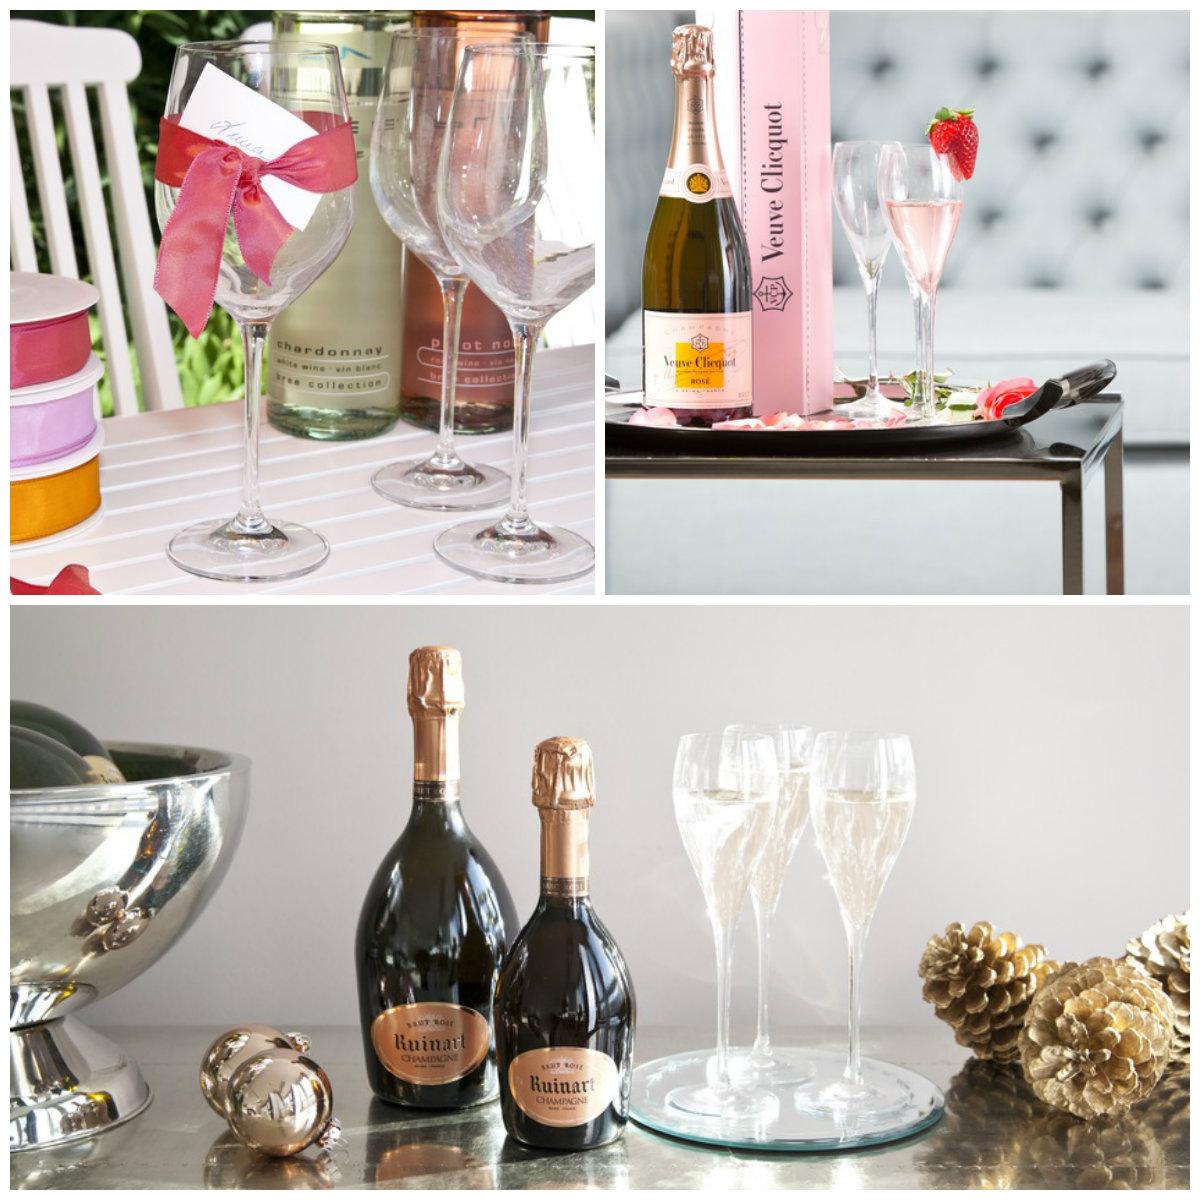 bicchieri da vino vassoio bottiglia tavolino secchiello